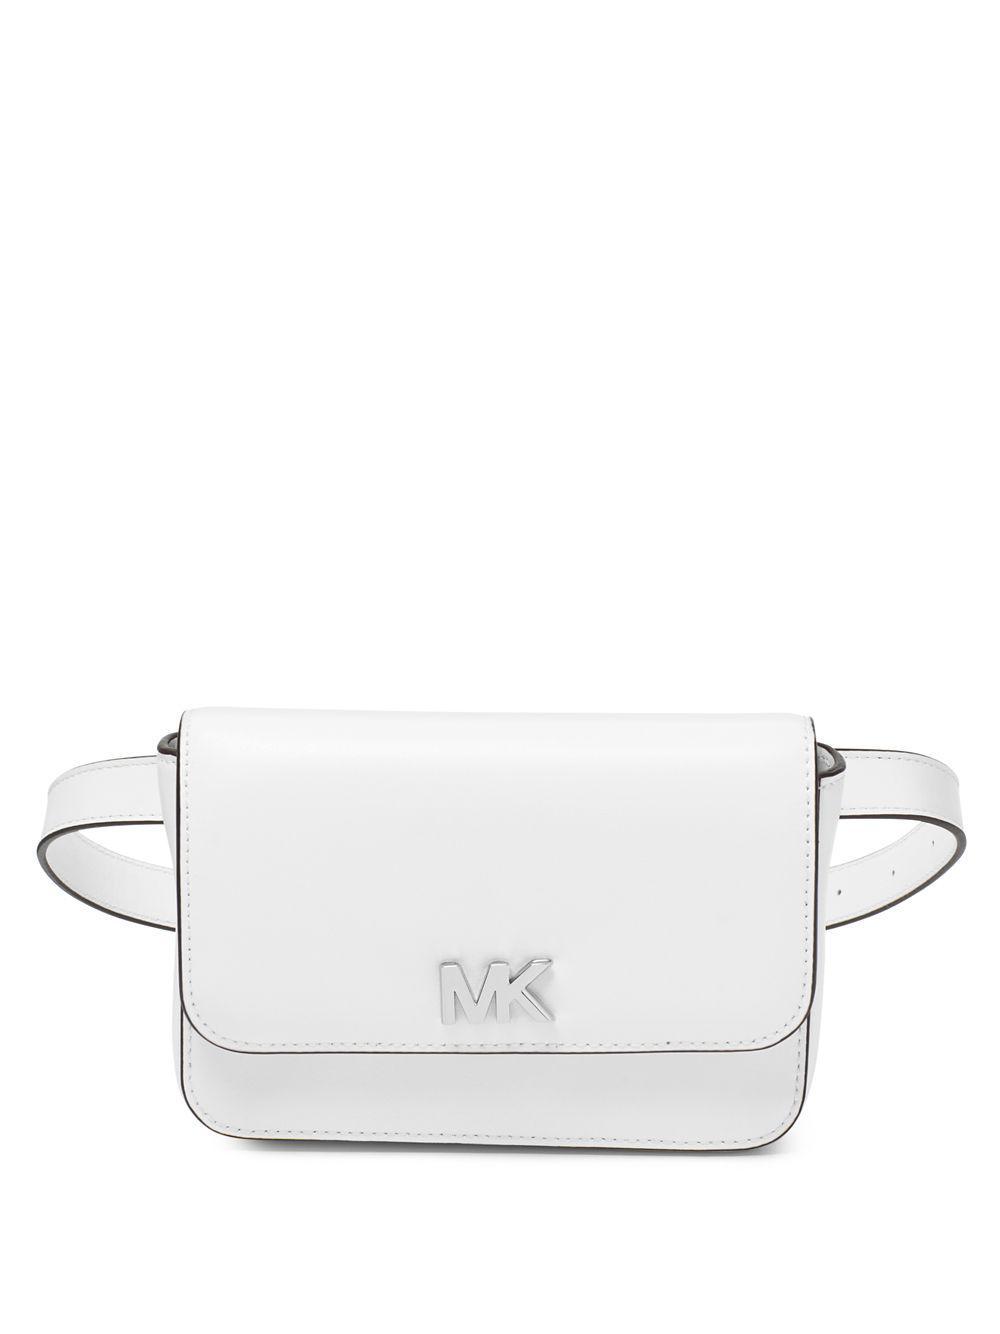 19c142630f4e Michael Michael Kors Mott Leather Belt Bag in White - Lyst